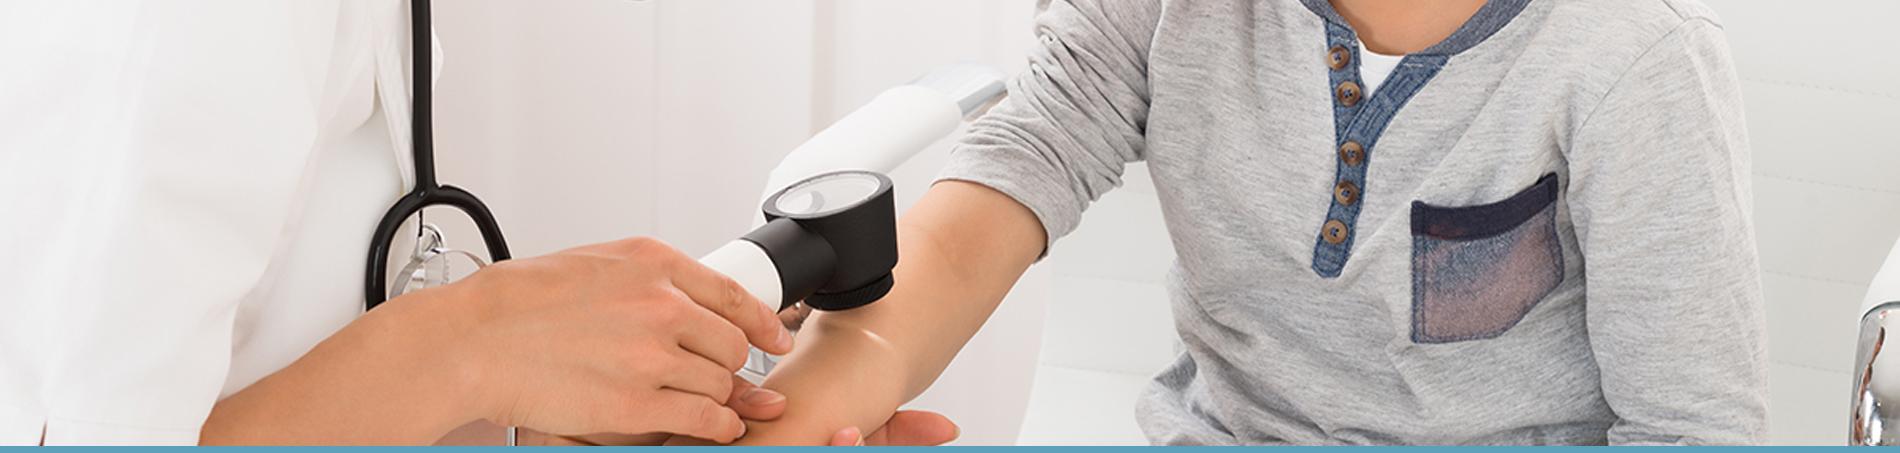 Nevoscopia, mappatura completa dei nei per prevenire e diagnosticare tumori alla pelle